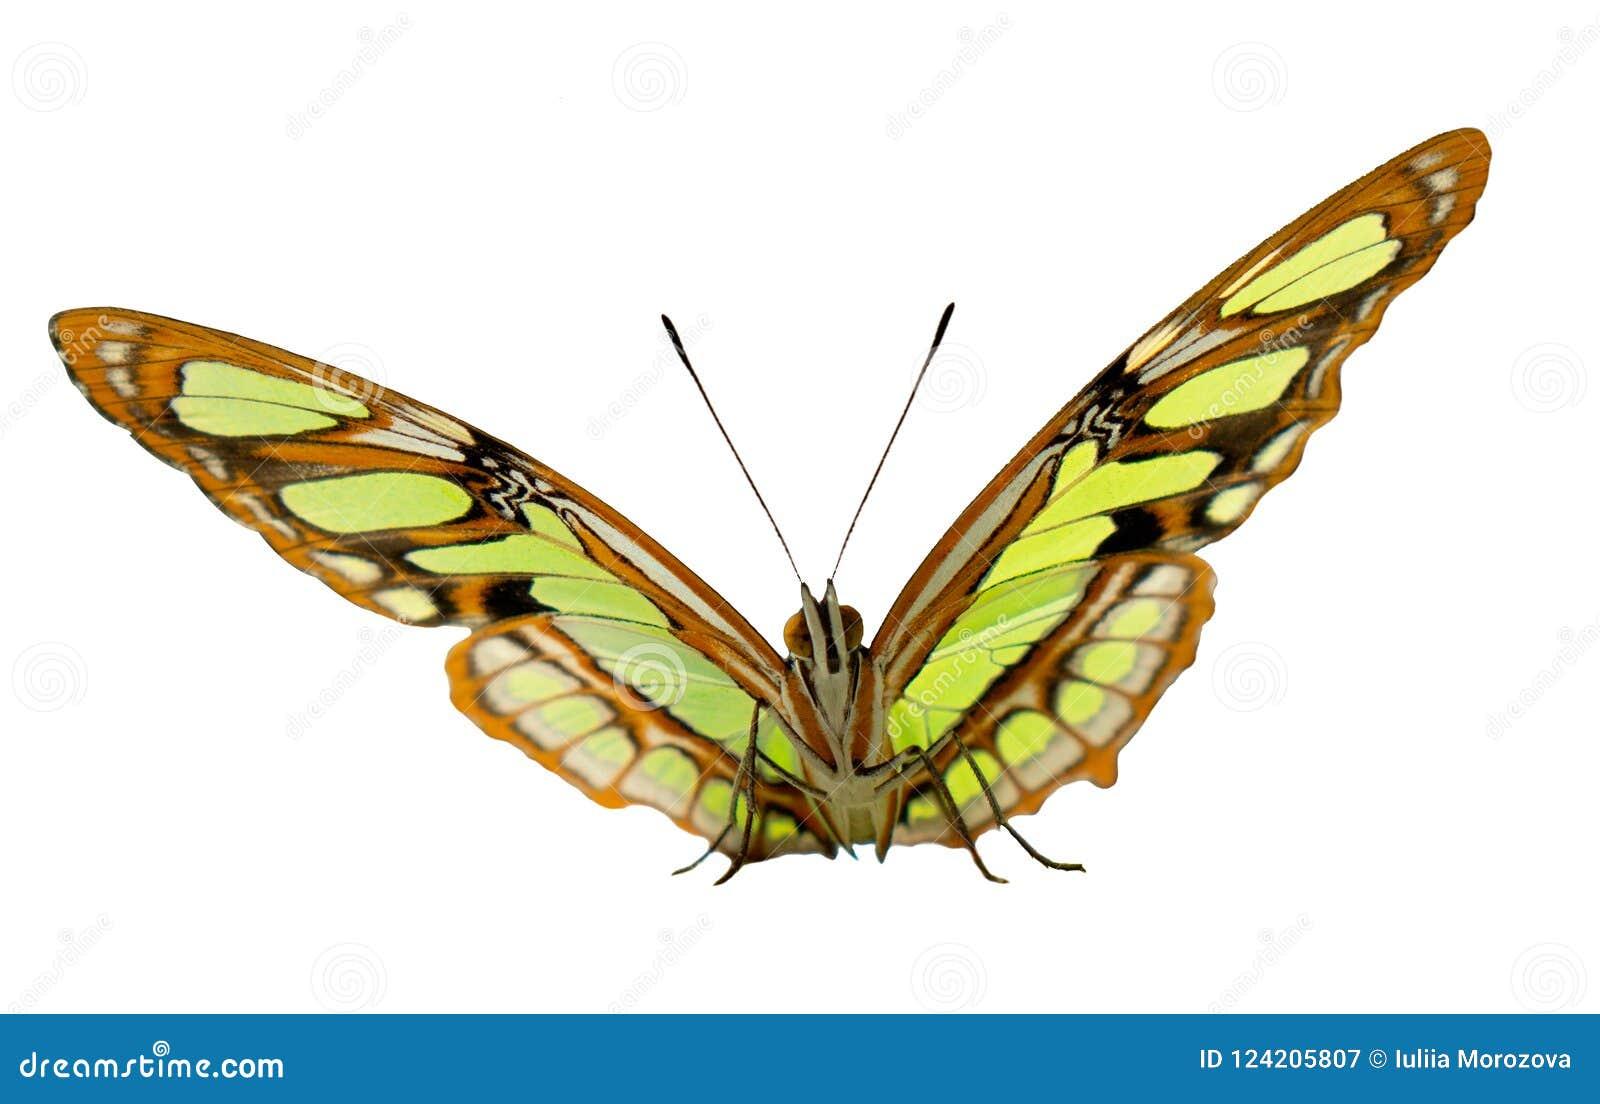 Il ritratto della farfalla della malachite su fondo grigio